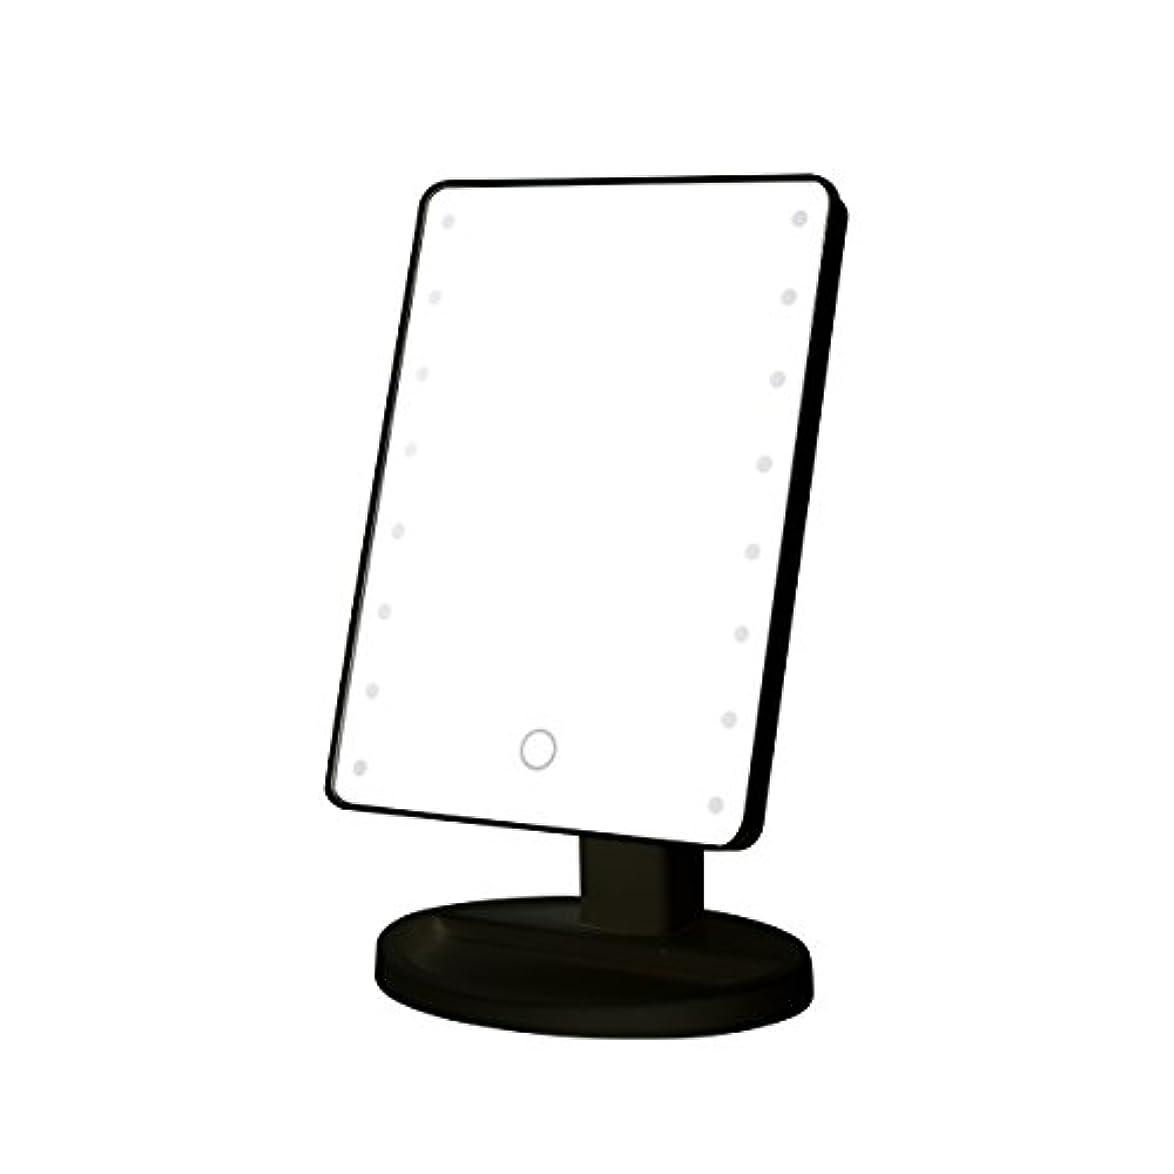 中国スペクトラムバイオリンB-PING 鏡 卓上 化粧鏡 16LEDライト搭載 女優ミラー 卓上ミラー 180度回転 電池給電 プレゼント メイク 化粧道具 メイクアップミラー